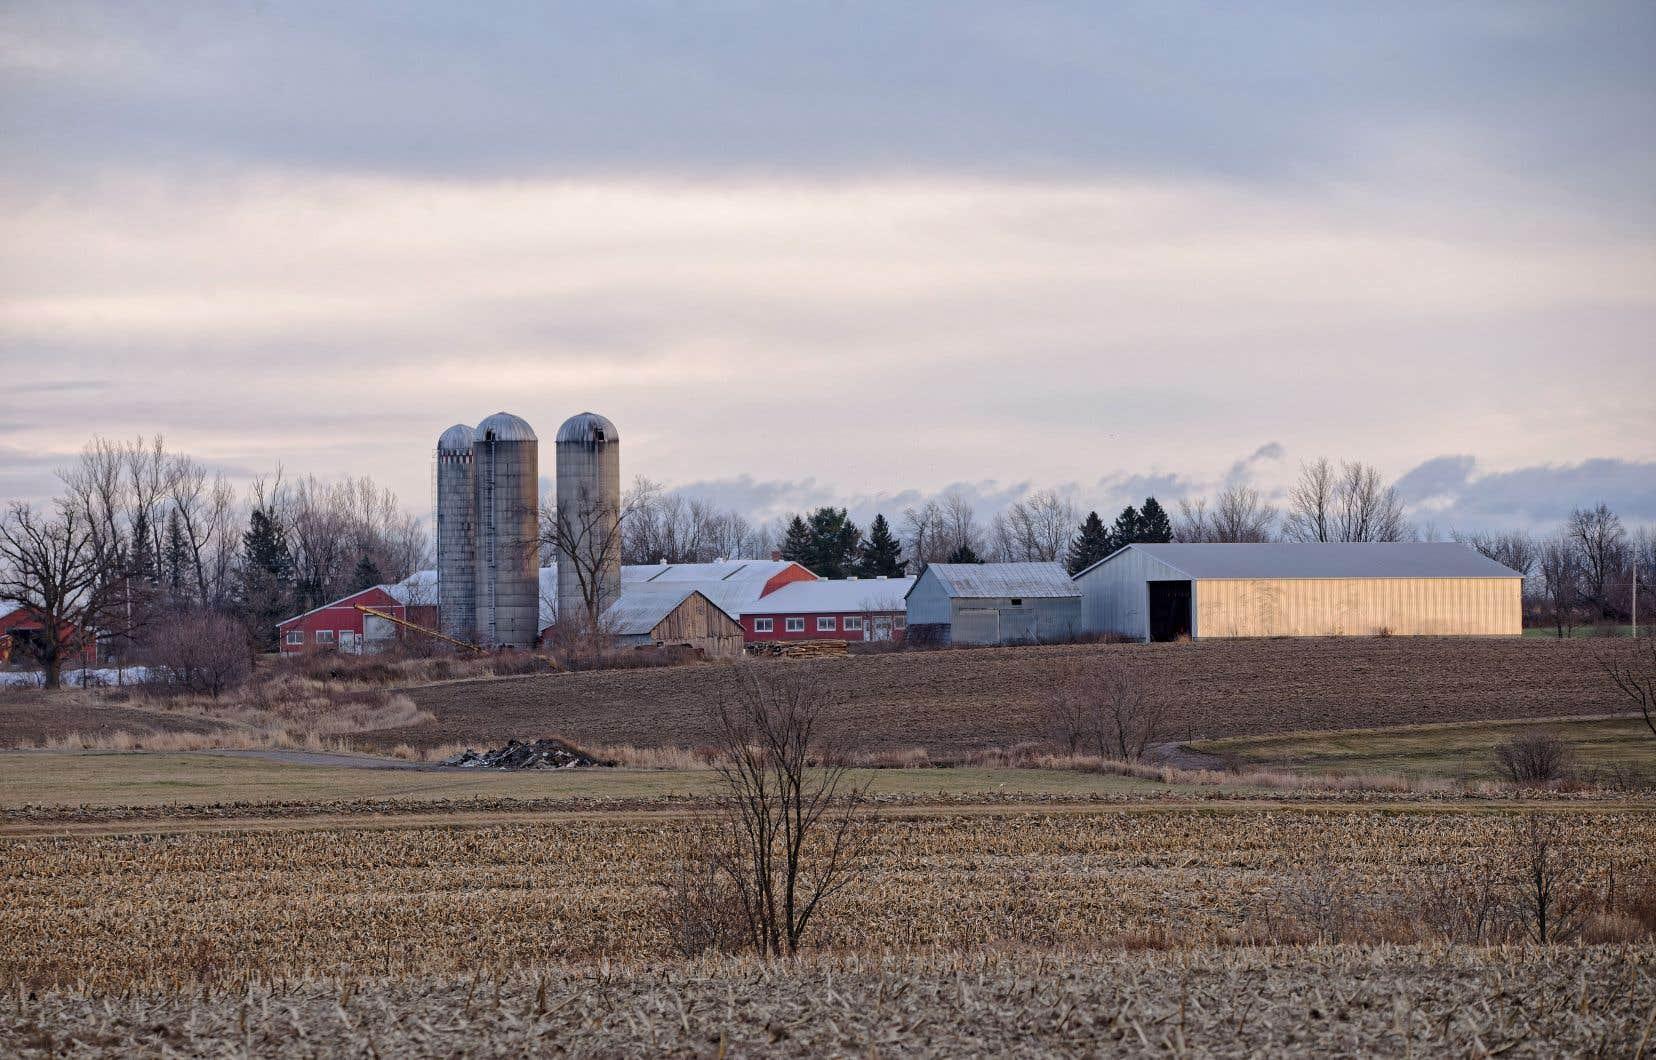 Les terres coûtent en ce moment trop cher au Québec par rapport à ce qu'elles peuvent rapporter à court ou moyen terme, soulignent de nombreux agriculteurs. Il est donc difficile et risqué pour les jeunes entrepreneurs de se permettre de tels achats.